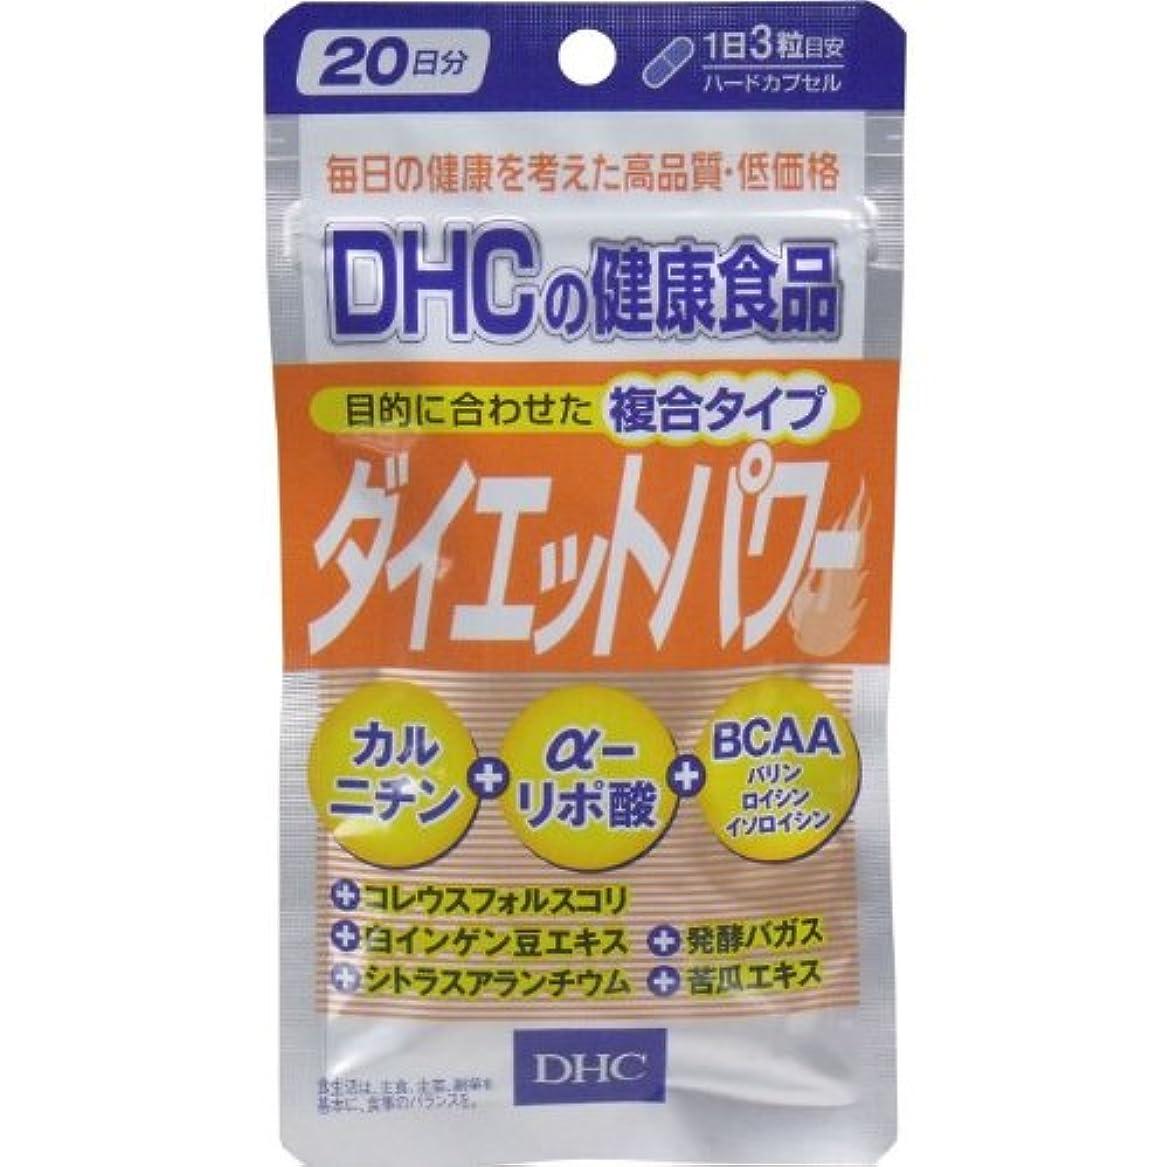 達成する祭司ネクタイDHC ダイエットパワー 60粒入 20日分「2点セット」